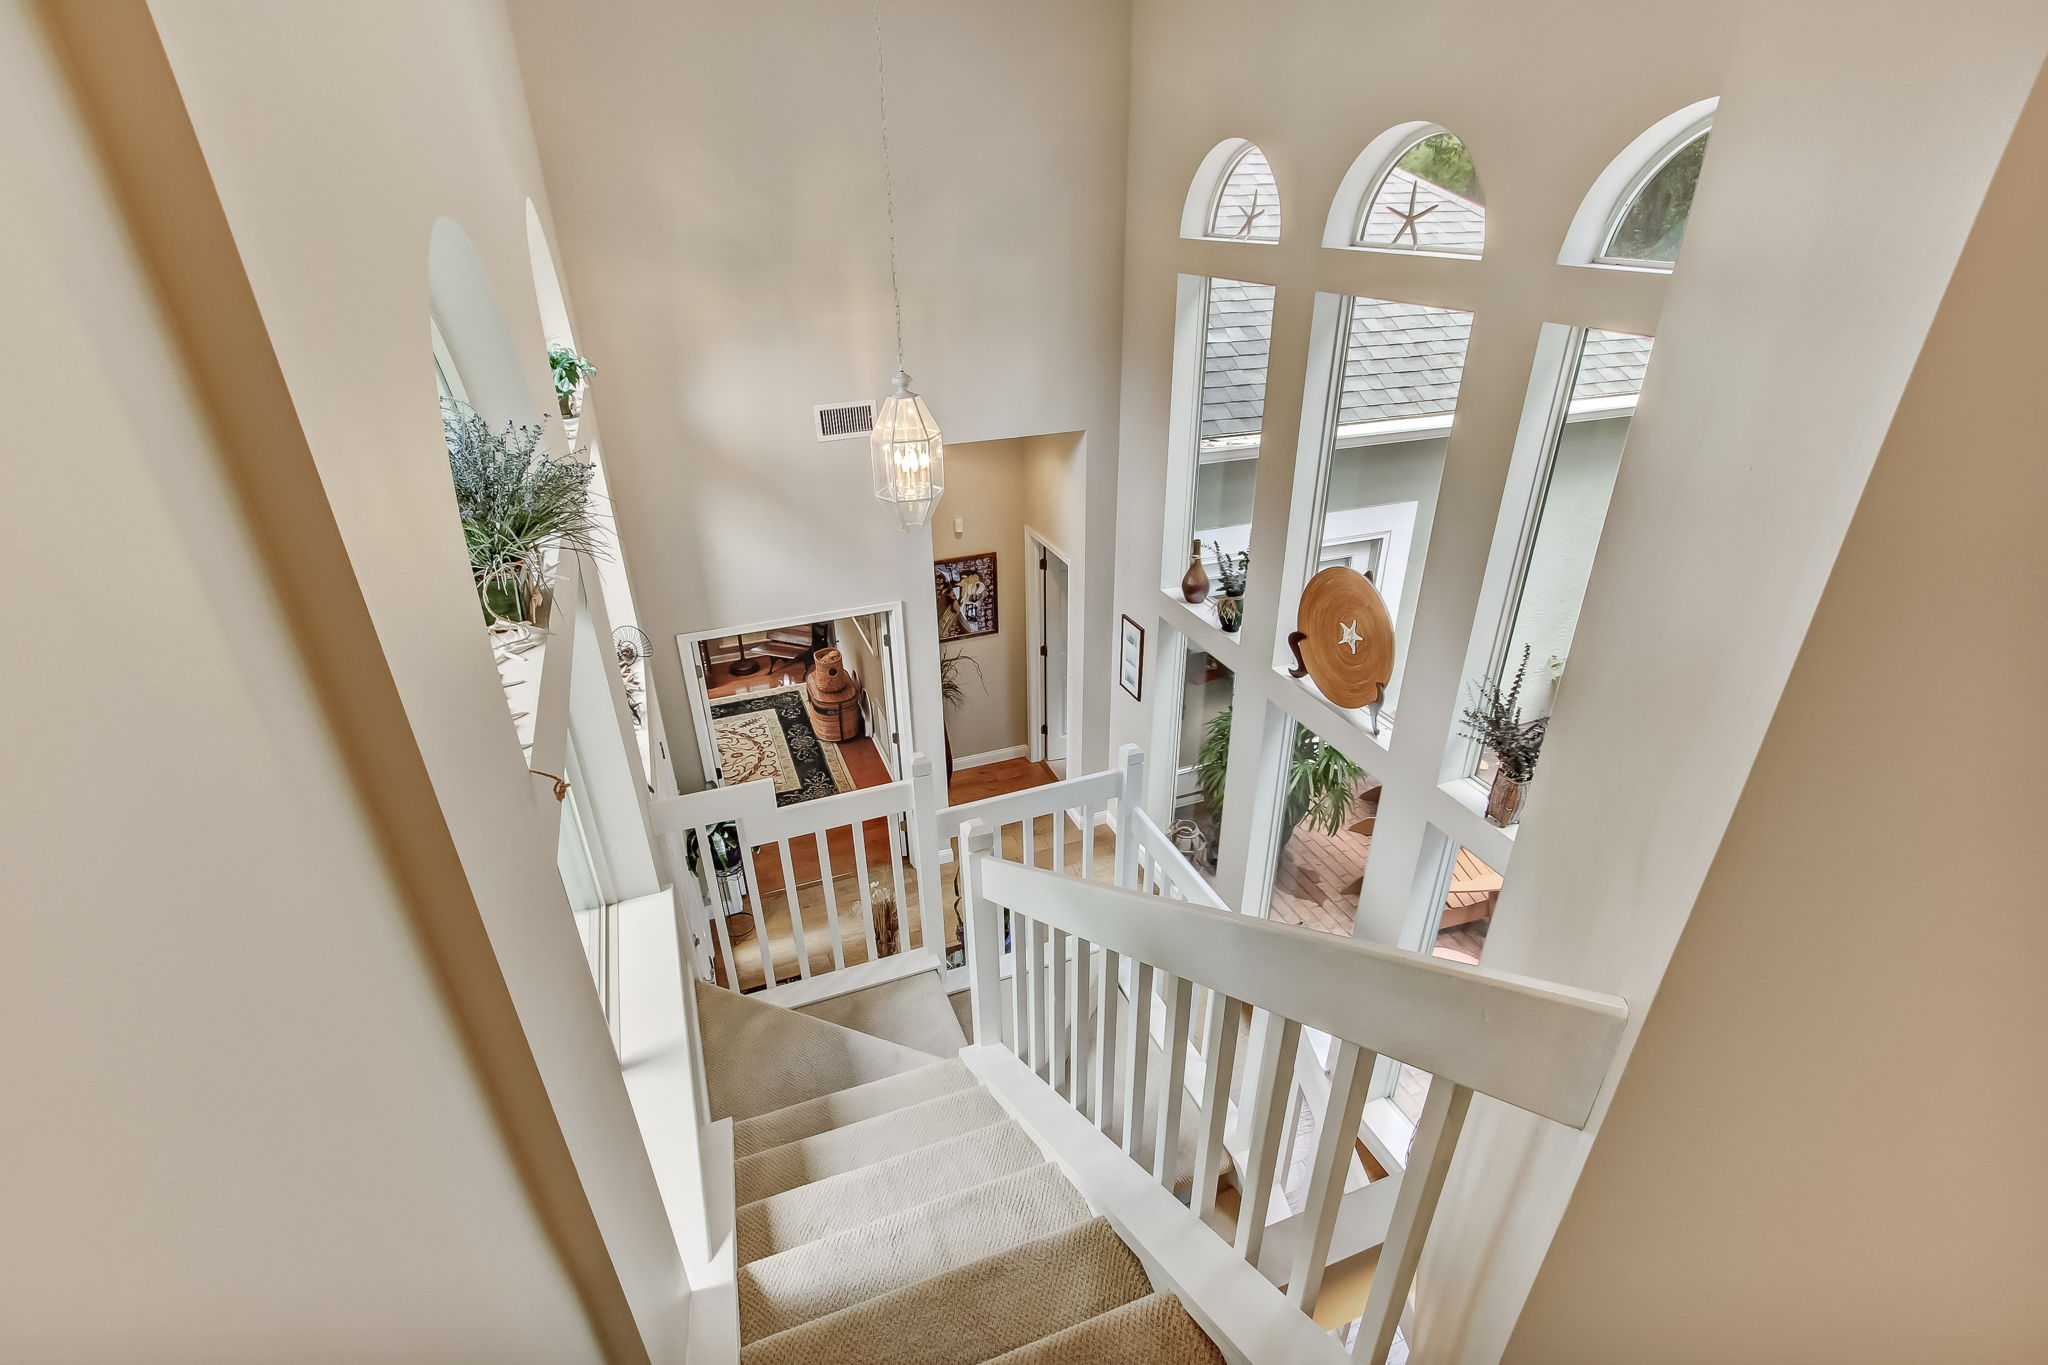 Upstairs View